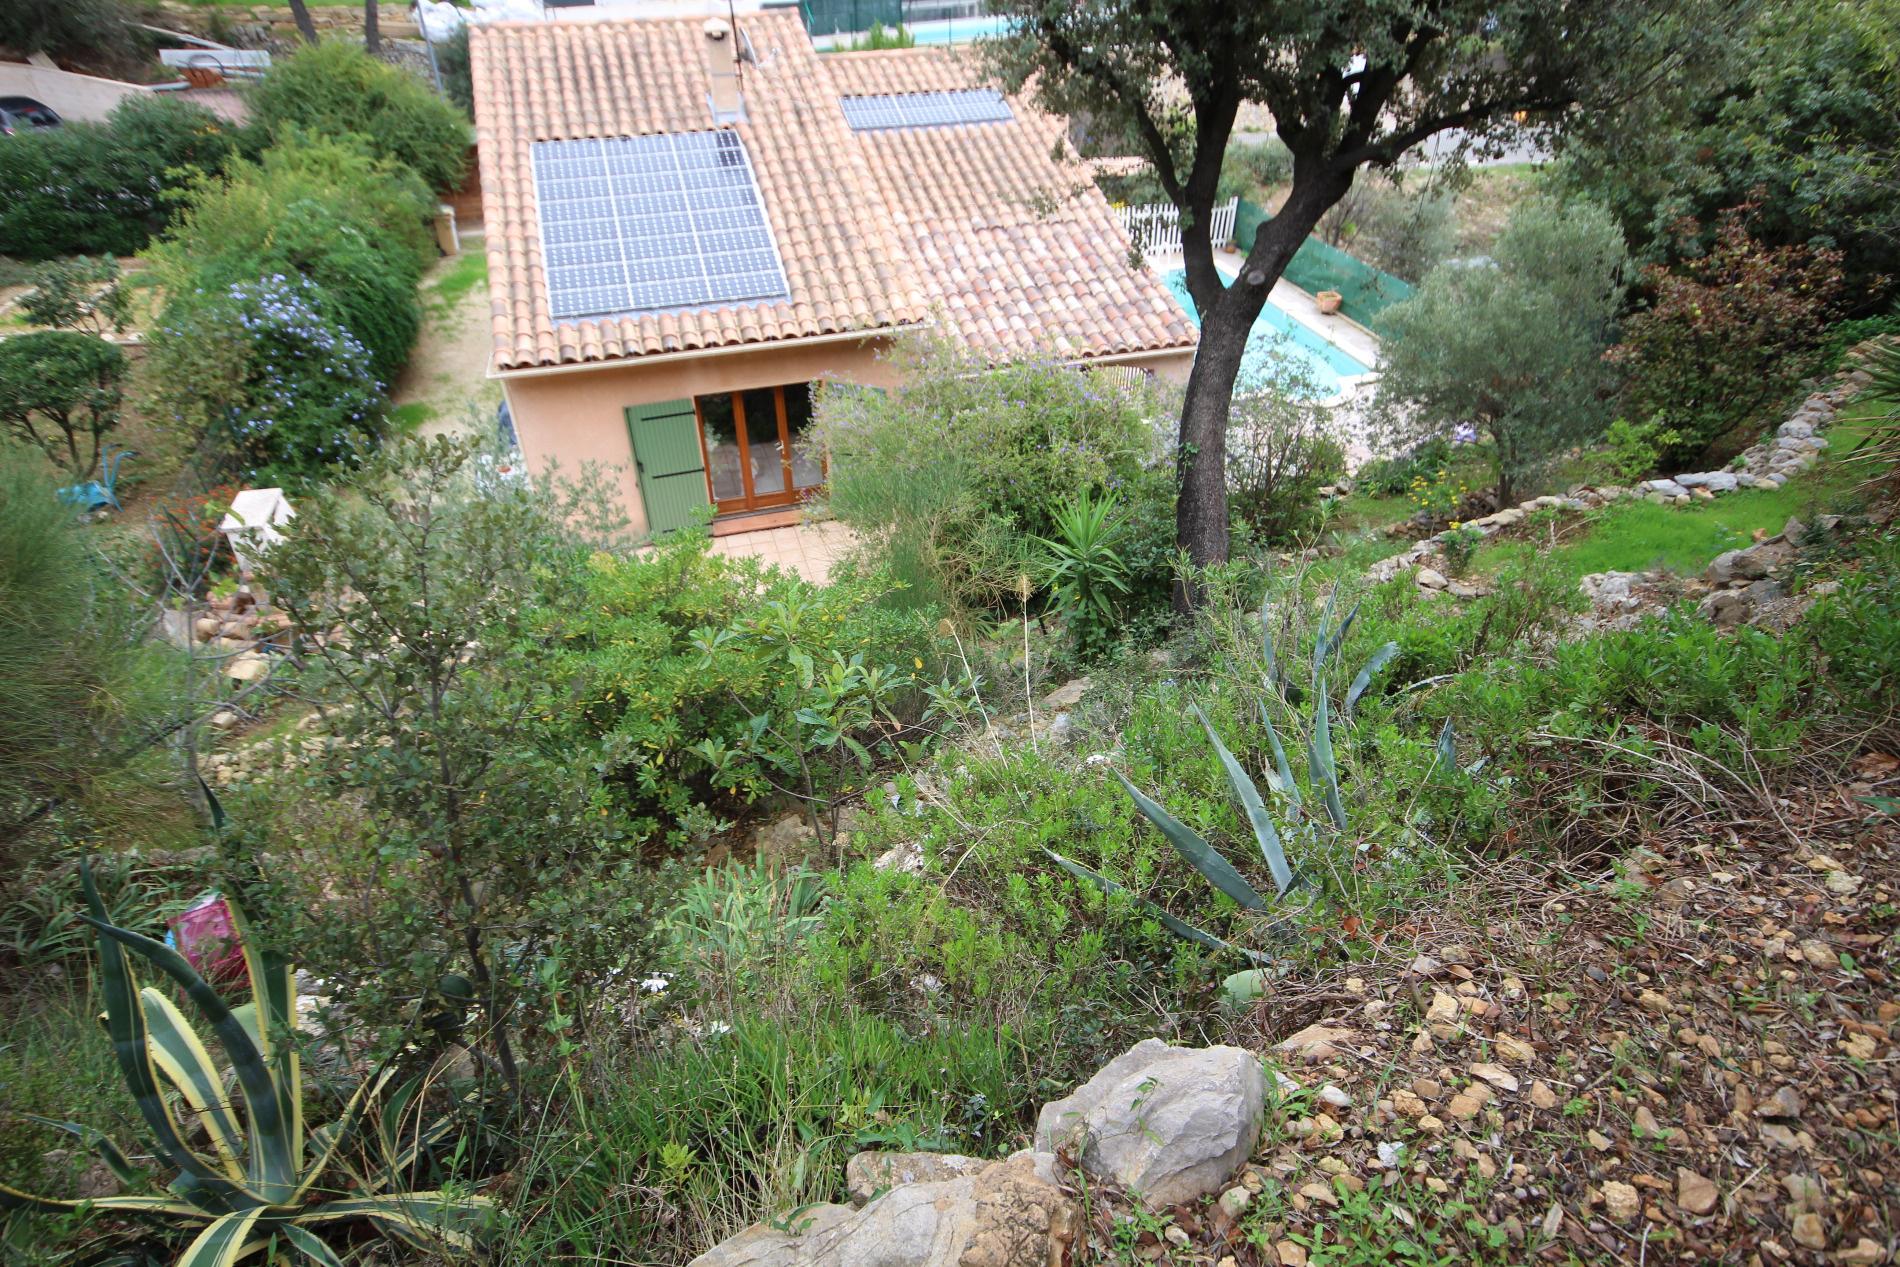 Vente maisons et villas la valette du var toulon la - Office de tourisme la valette du var ...